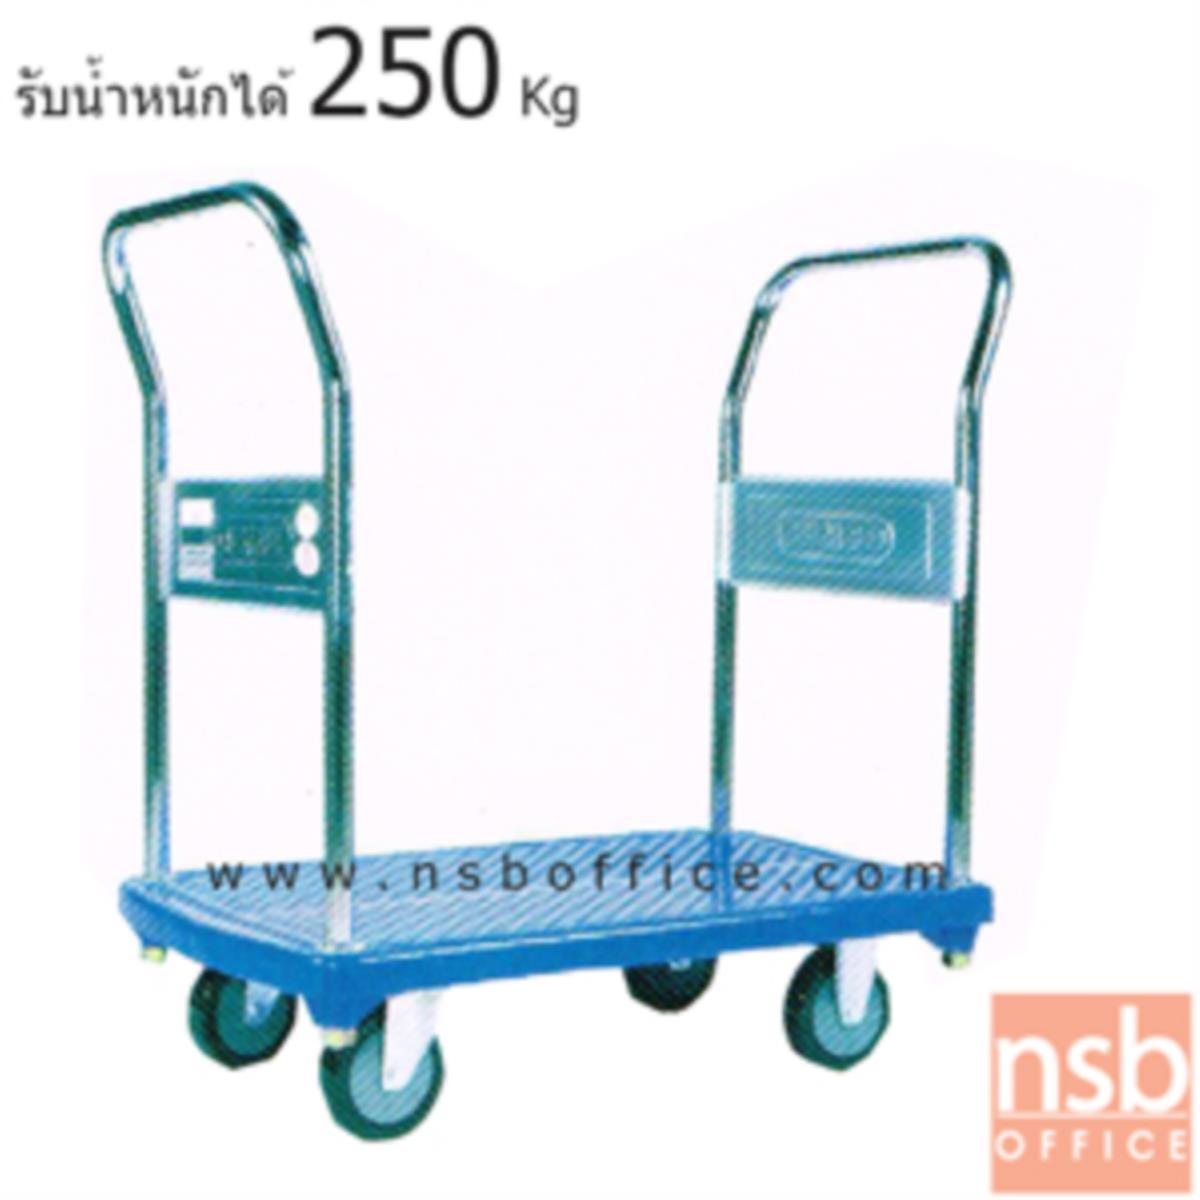 G03A033:รถเข็น 1 ชั้น มือจับ 2 ข้าง รับน้ำหนักได้ 300 Kg.